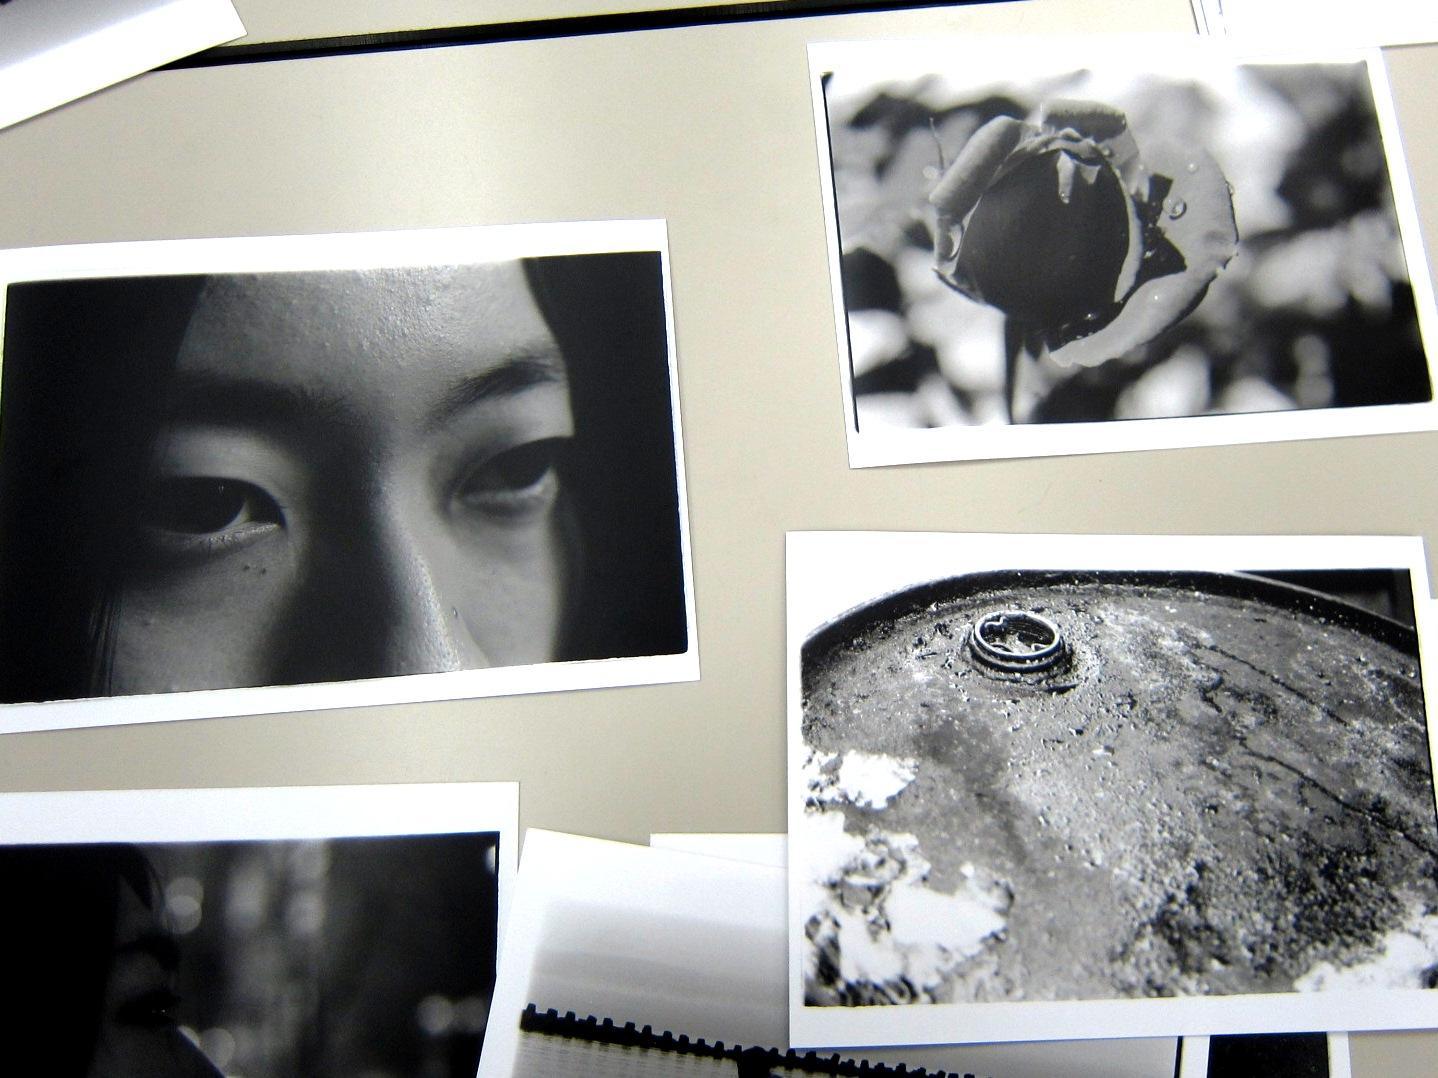 2542)「丸島均と100枚のスナップ写真を見る会 ~篠原奈那子 の場合」かでる2・7 終了/7月9日(土)14:00~_f0126829_1745514.jpg